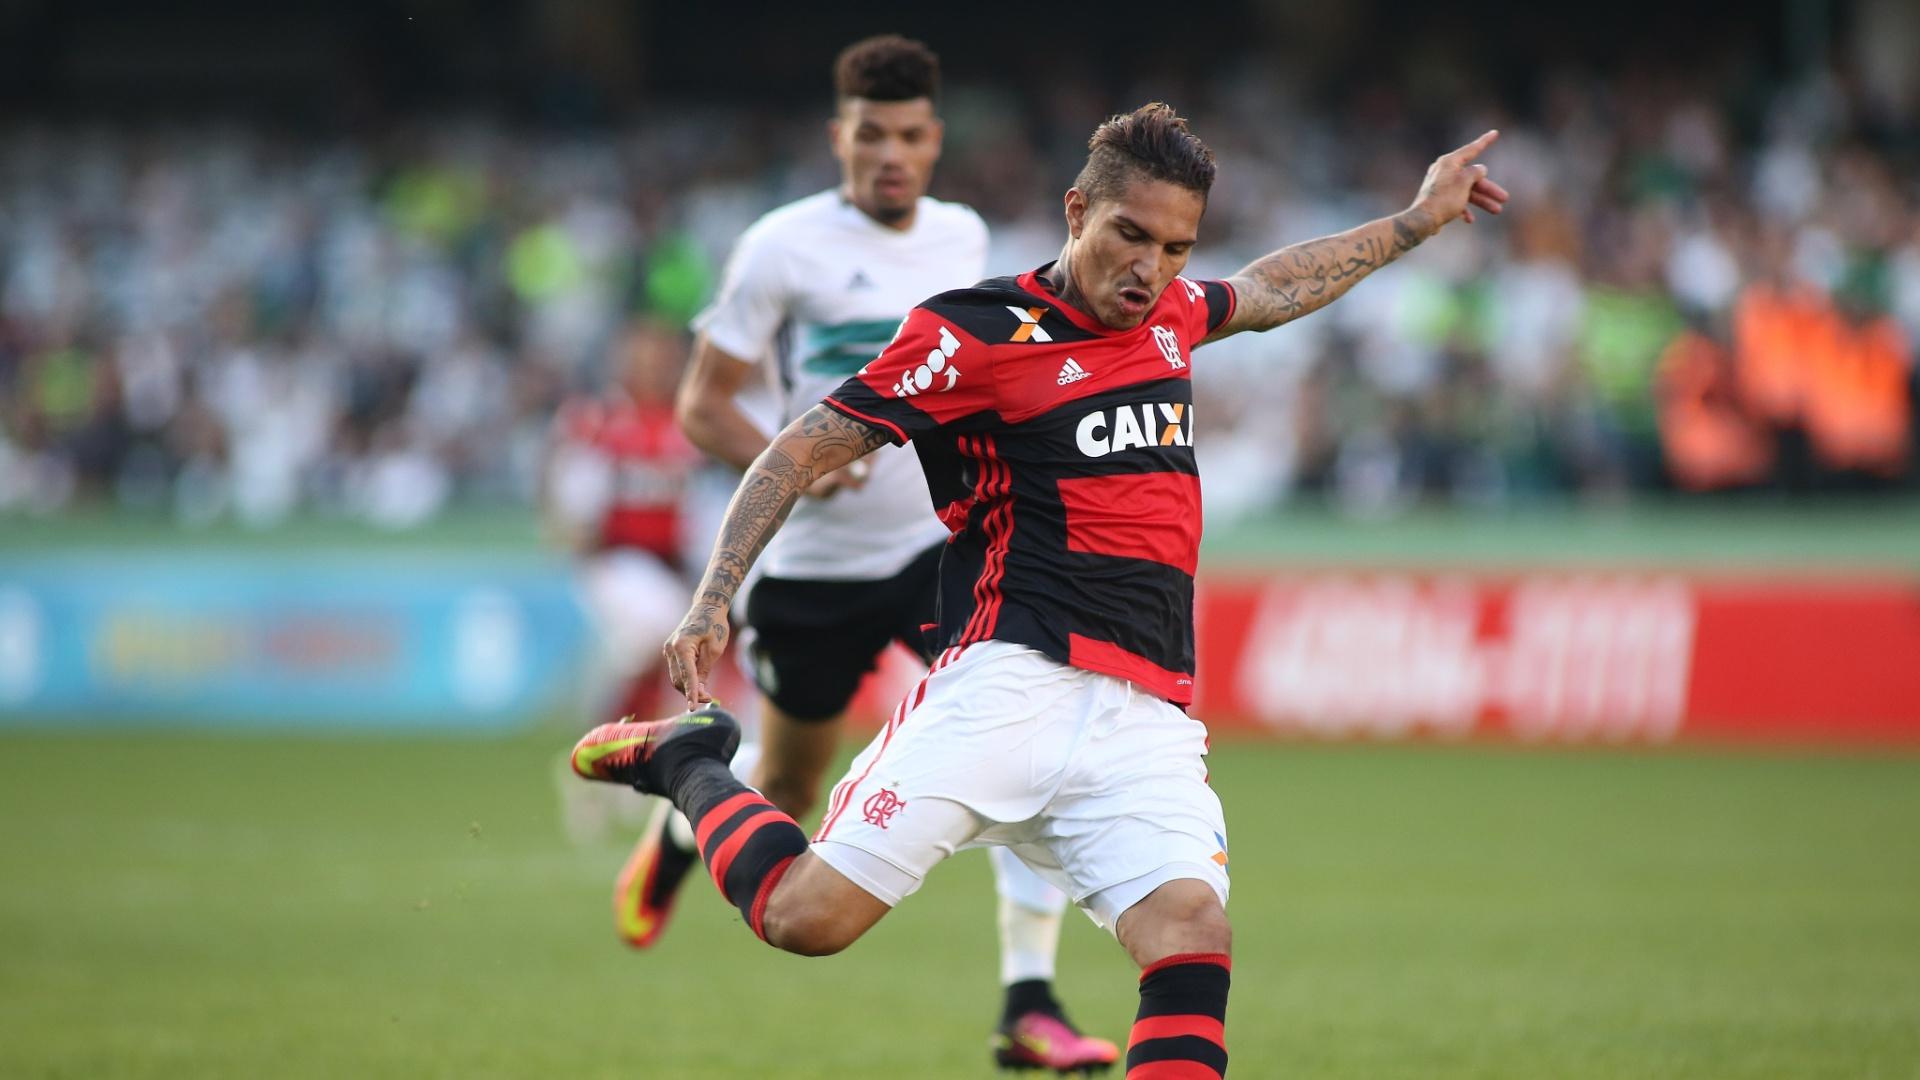 Guerrero chuta para marcar um dos gols da vitória do Flamengo sobre o Coritiba